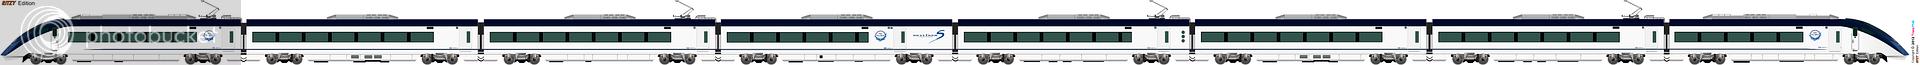 [5364] Keisei Electric Railway 2364